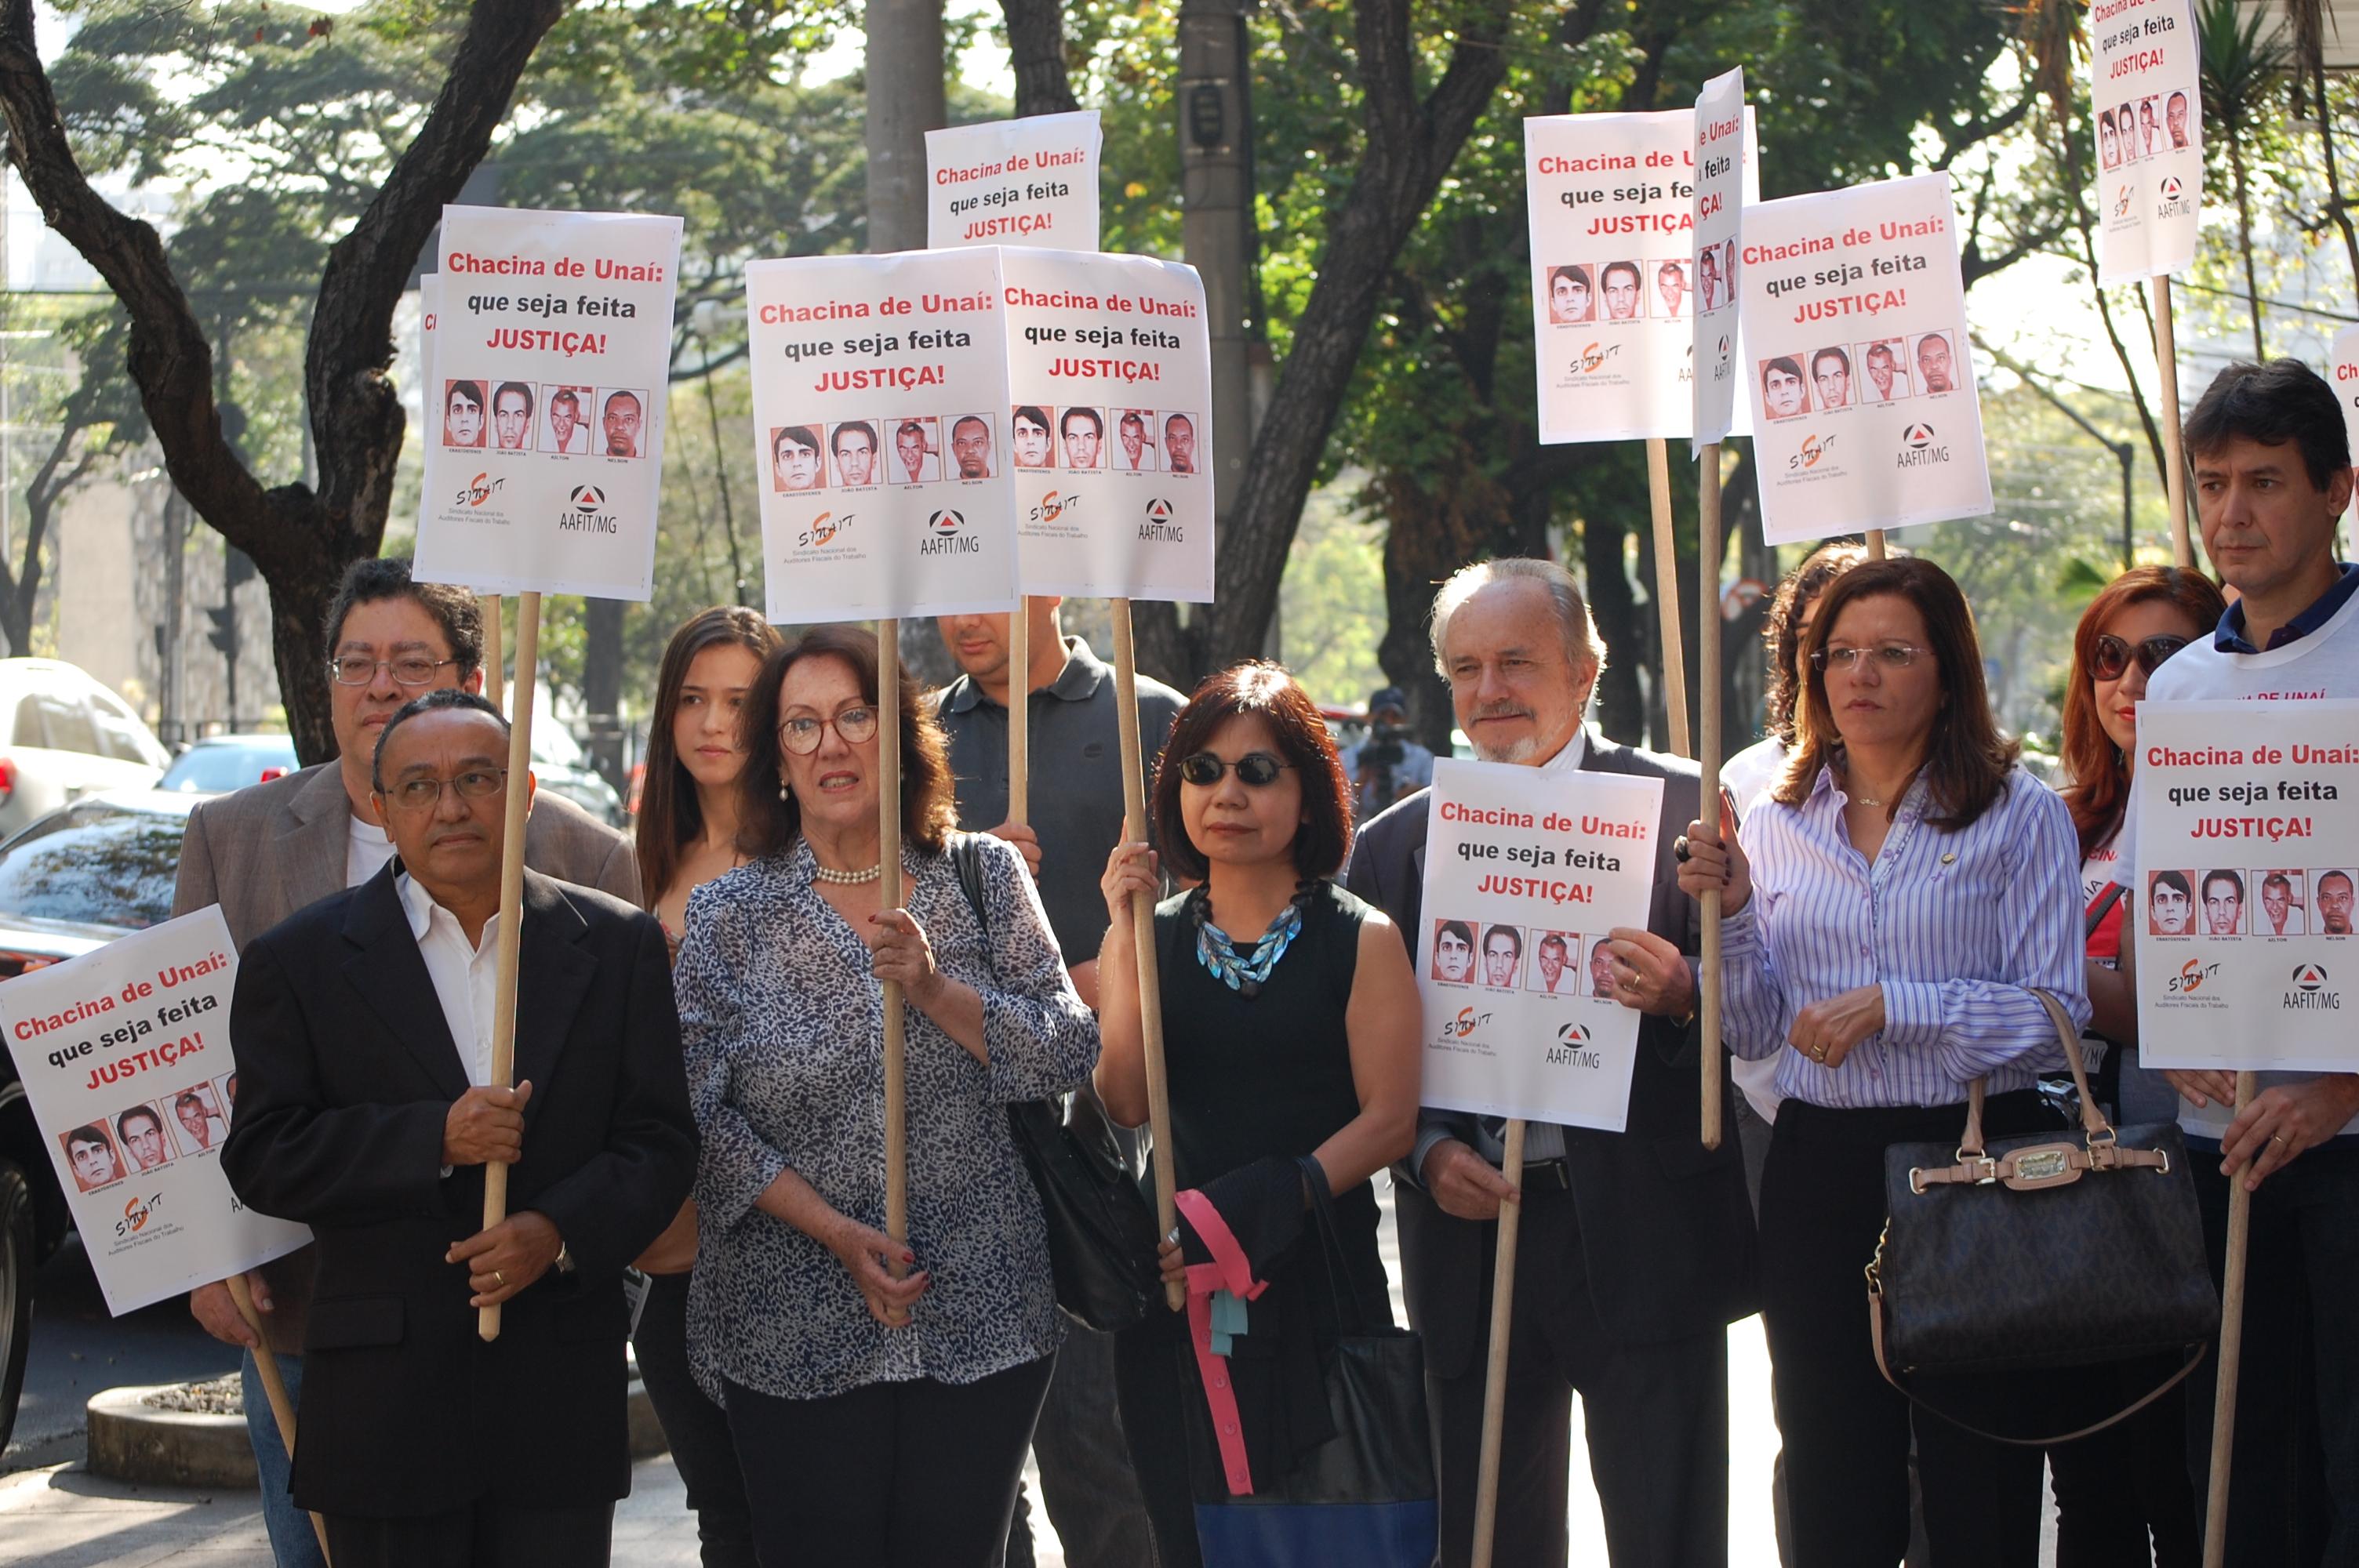 Impunidade – Auditores fiscais do trabalho pedem a prisão dos mandantes da Chacina de Unaí